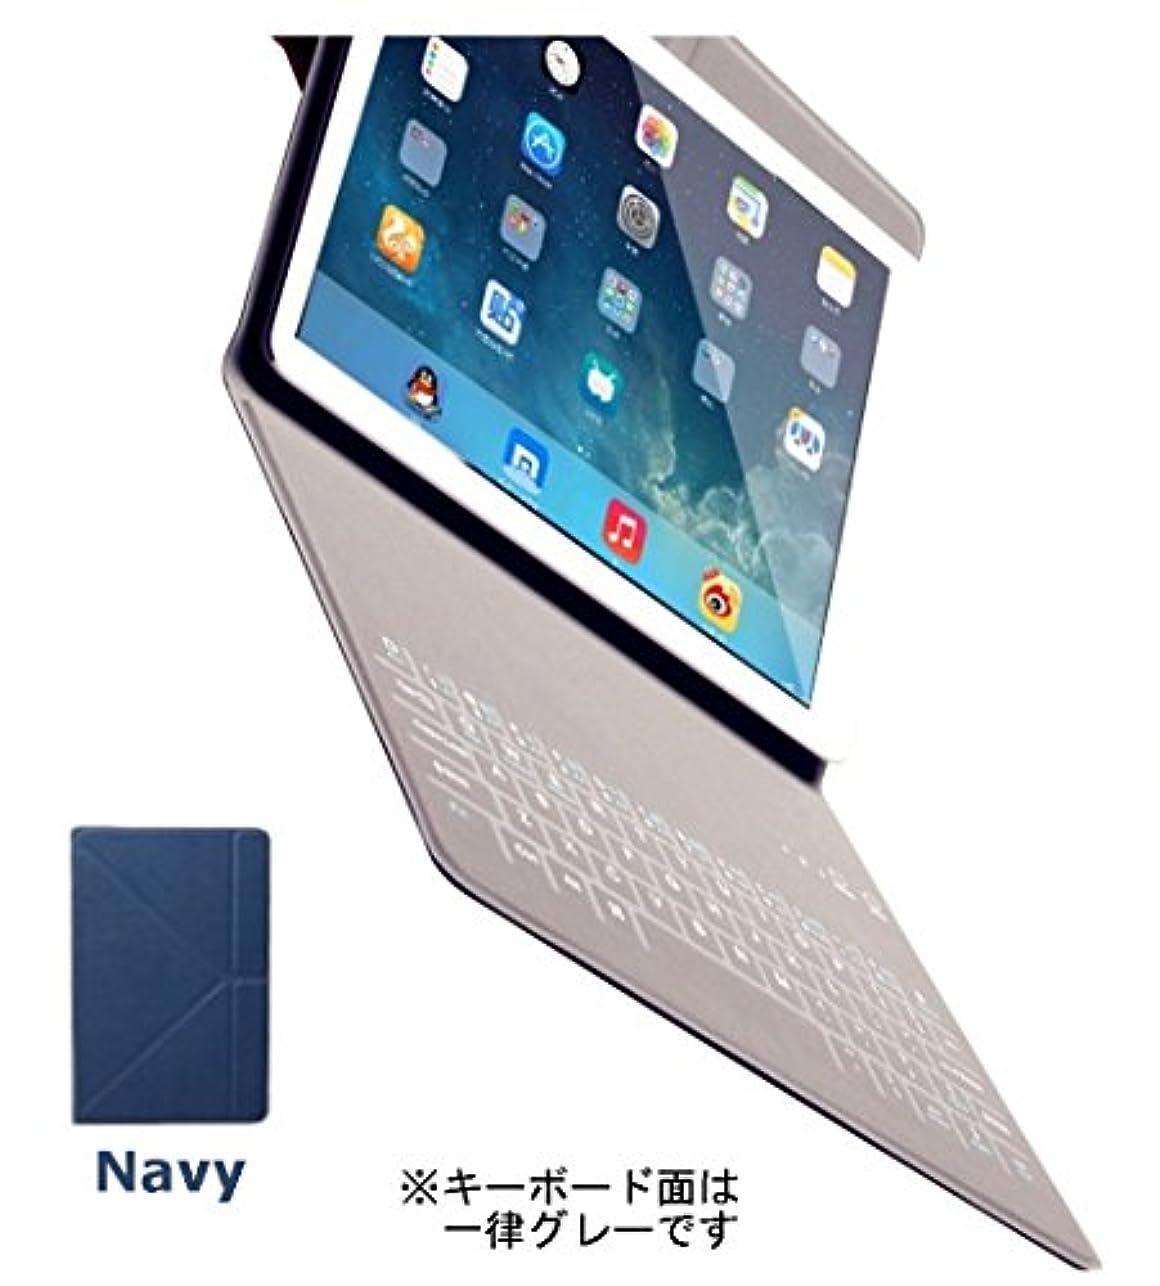 顎銀河脳MMTT iPad mini 2/3 7.9インチ カバー&キーボード Bluetooth3.0 ウルトラスリム 着脱が便利になるハードケース付き (ネイビー)